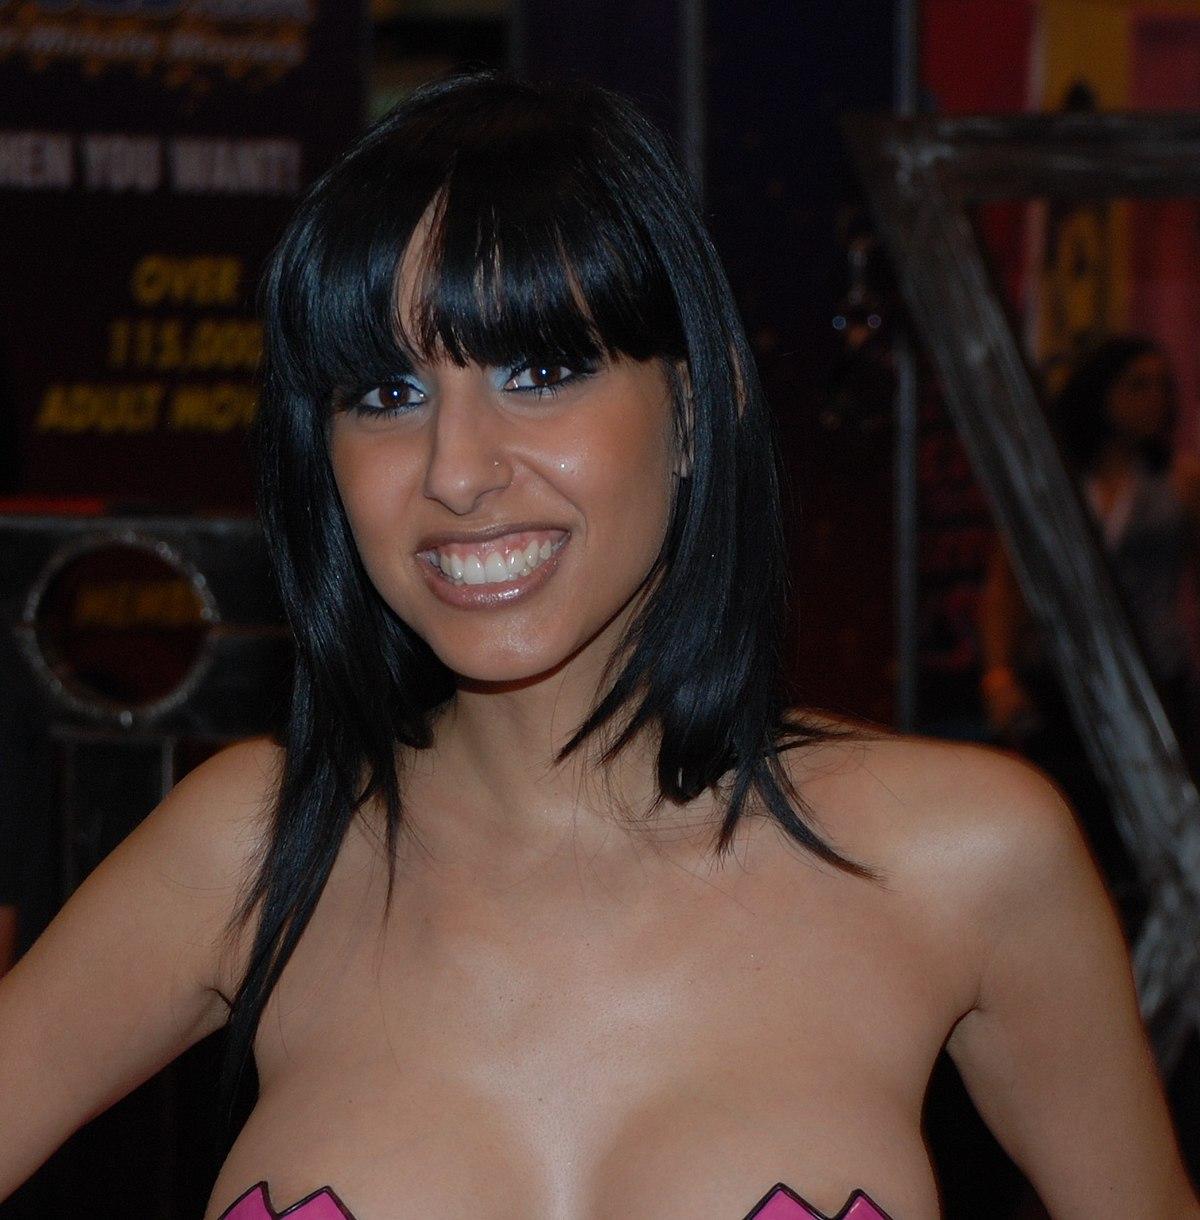 Premier porno pour une jeune fille a gros seins - 3 part 3